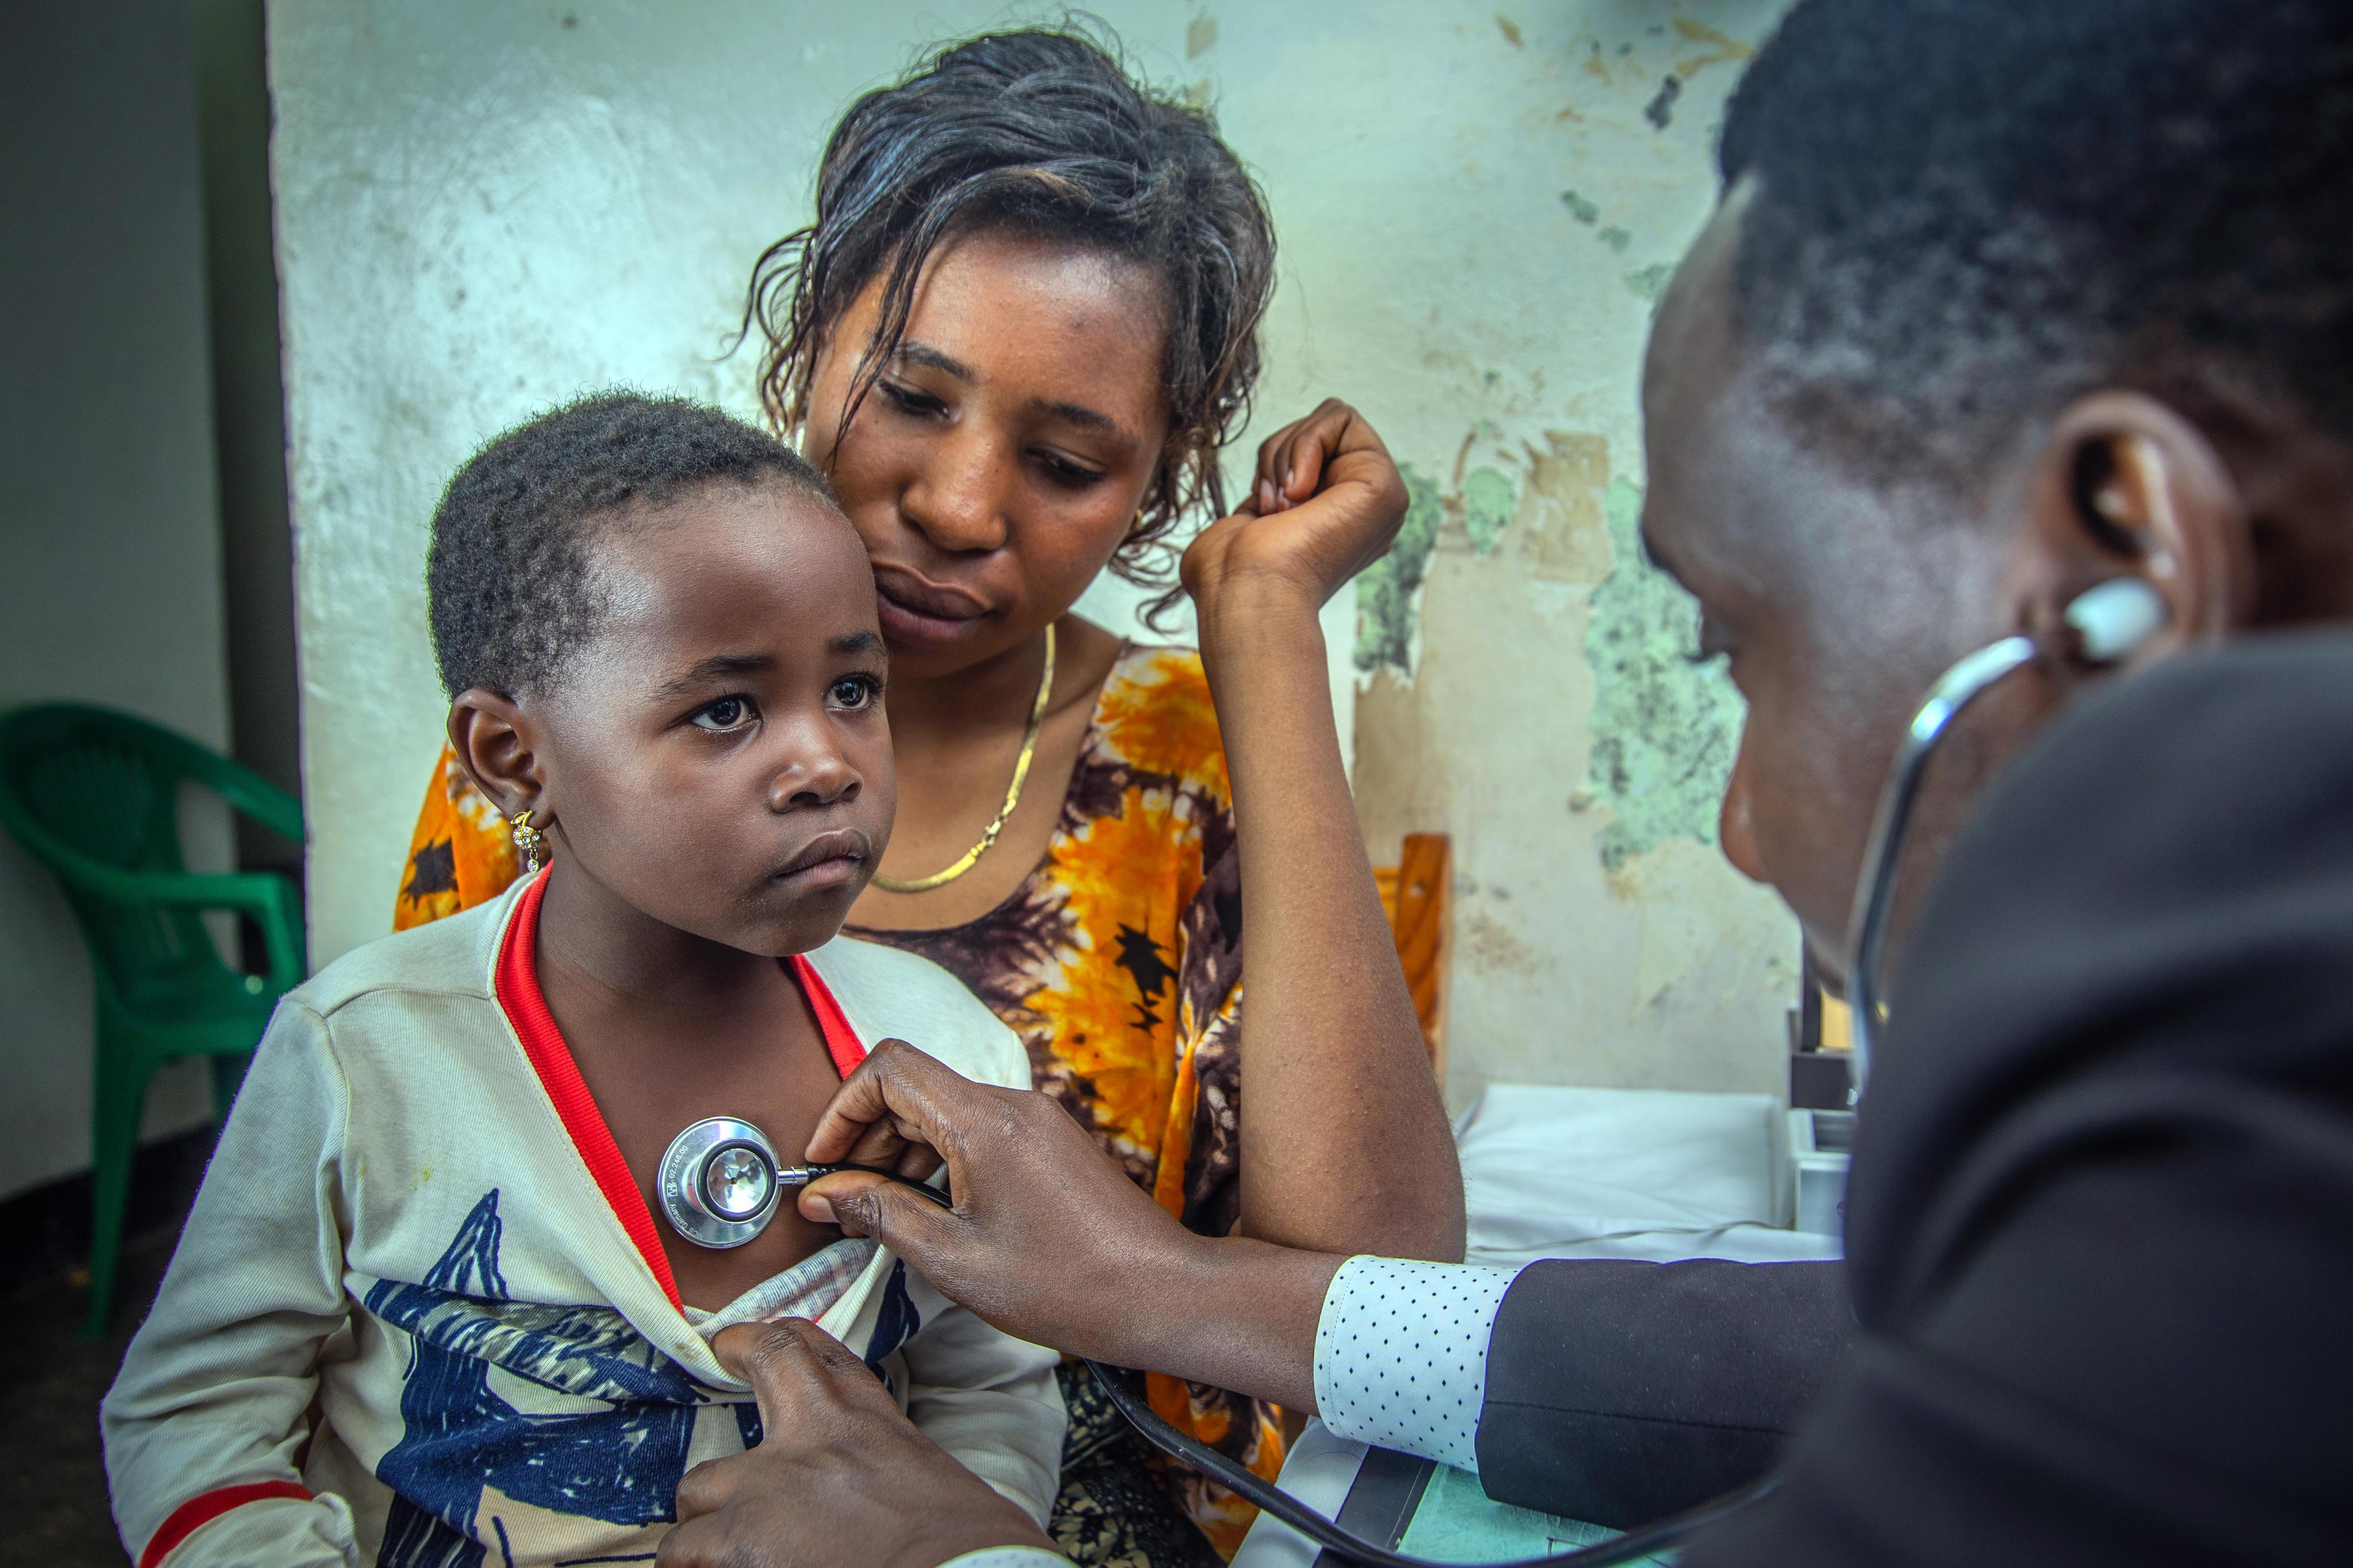 Eine Mutter lässt ihr neugeborenes Kind medizinisch untersuchen